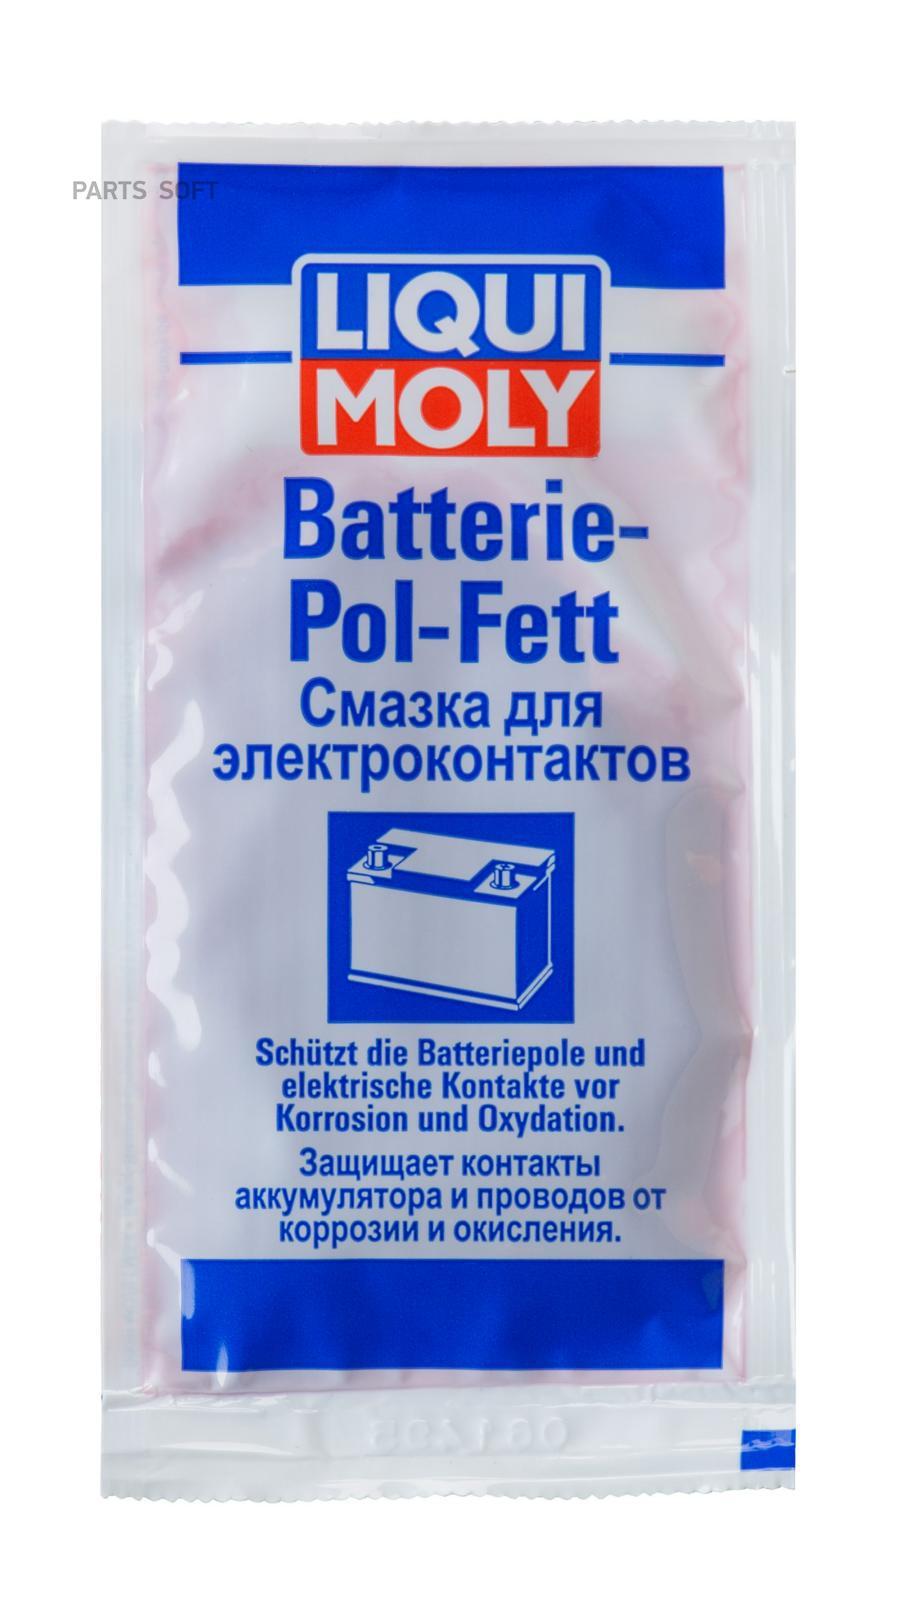 Смазка д/электроконтактов Batterie-Pol-Fett (0,01кг)